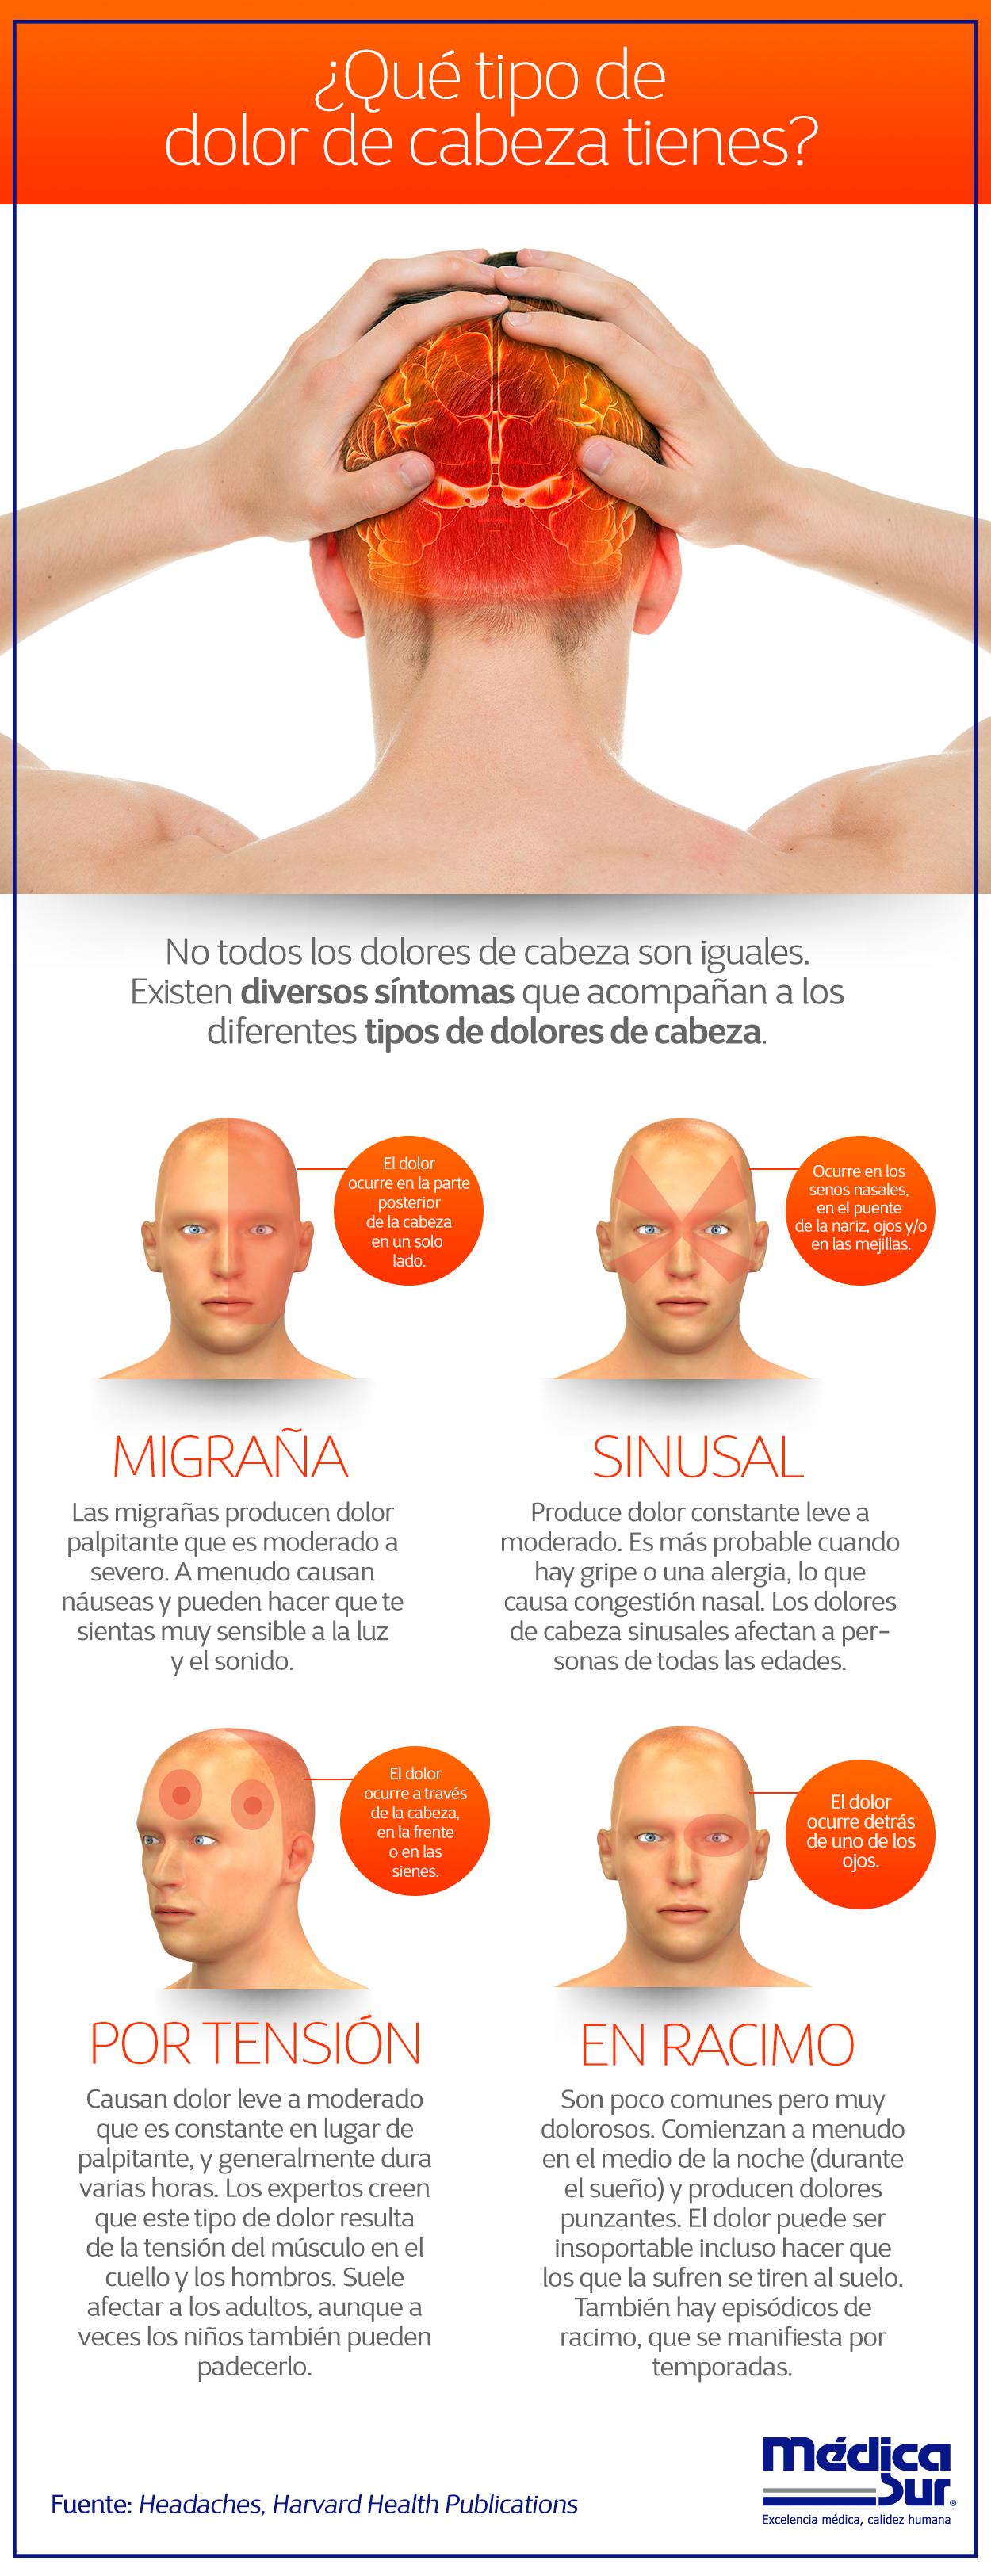 Pin On Neurología Y Neurocirugía